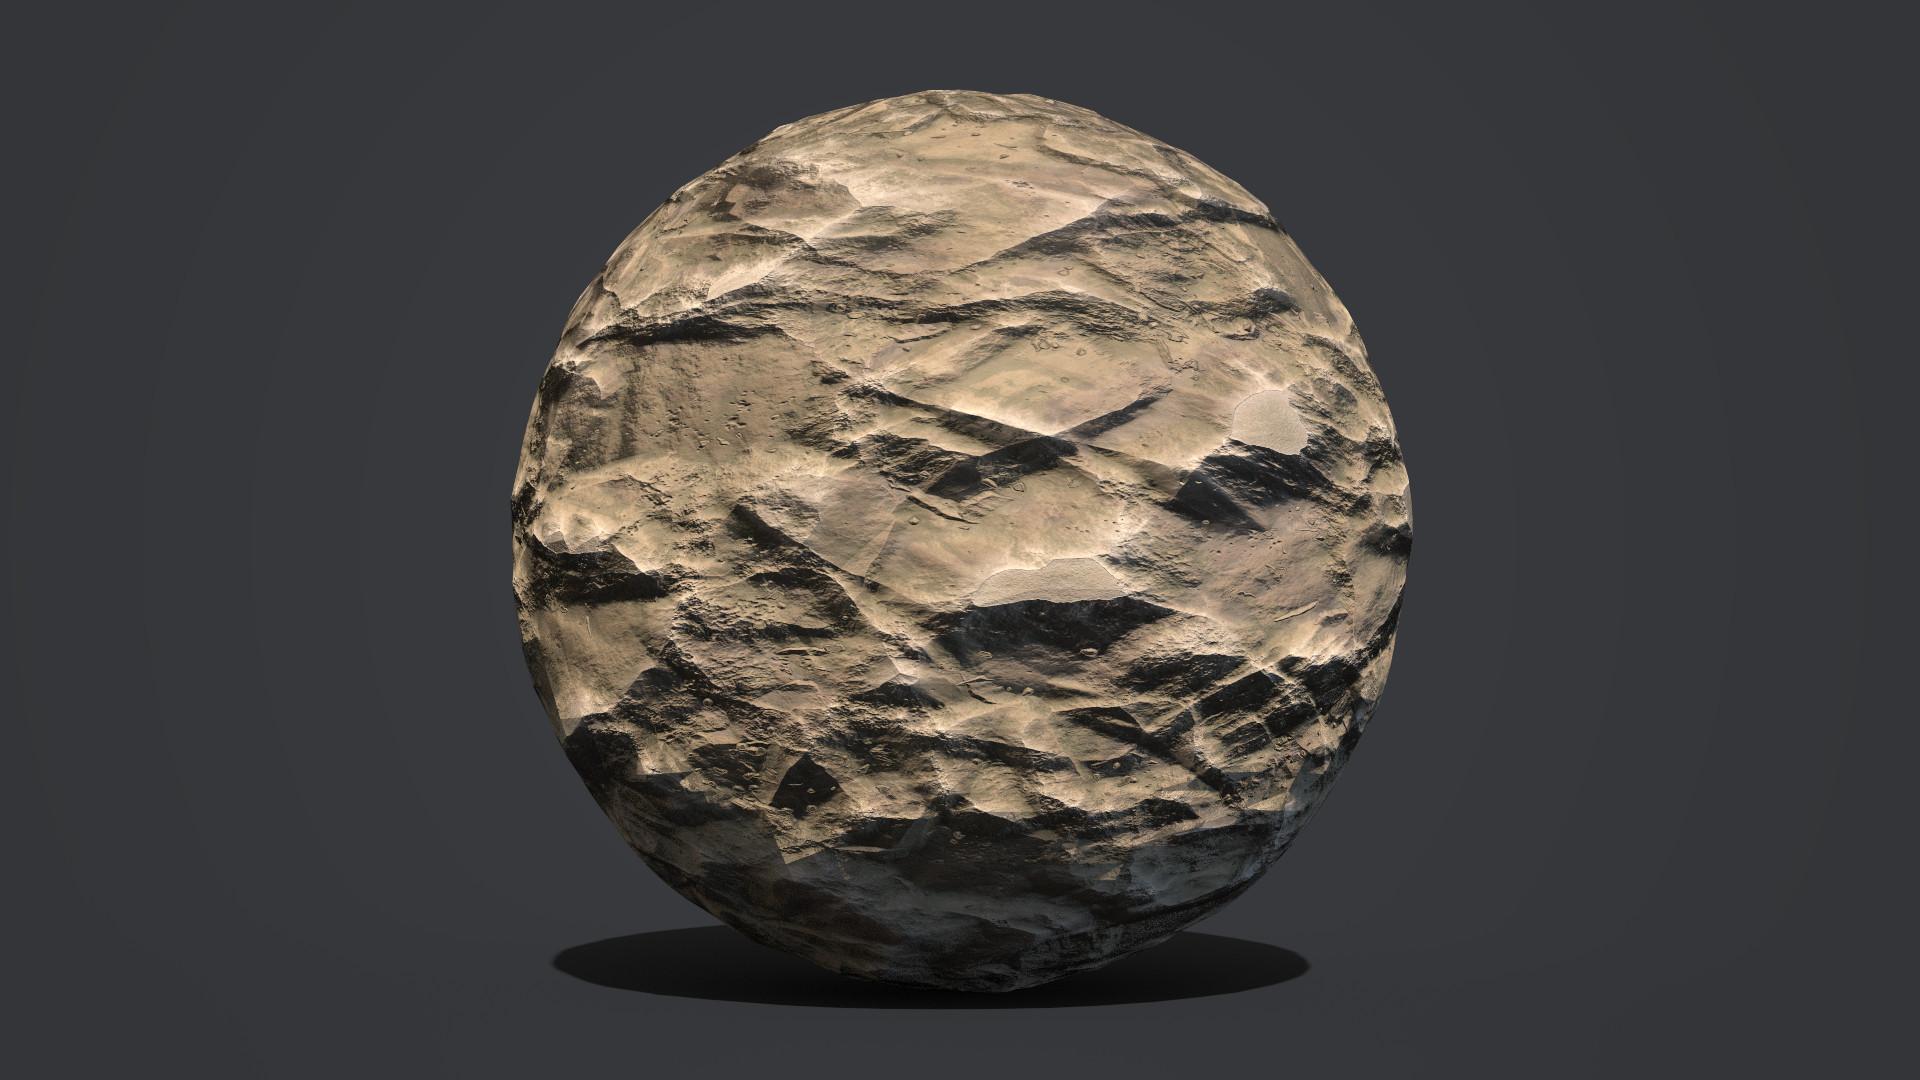 Ole midthun stone surface 2